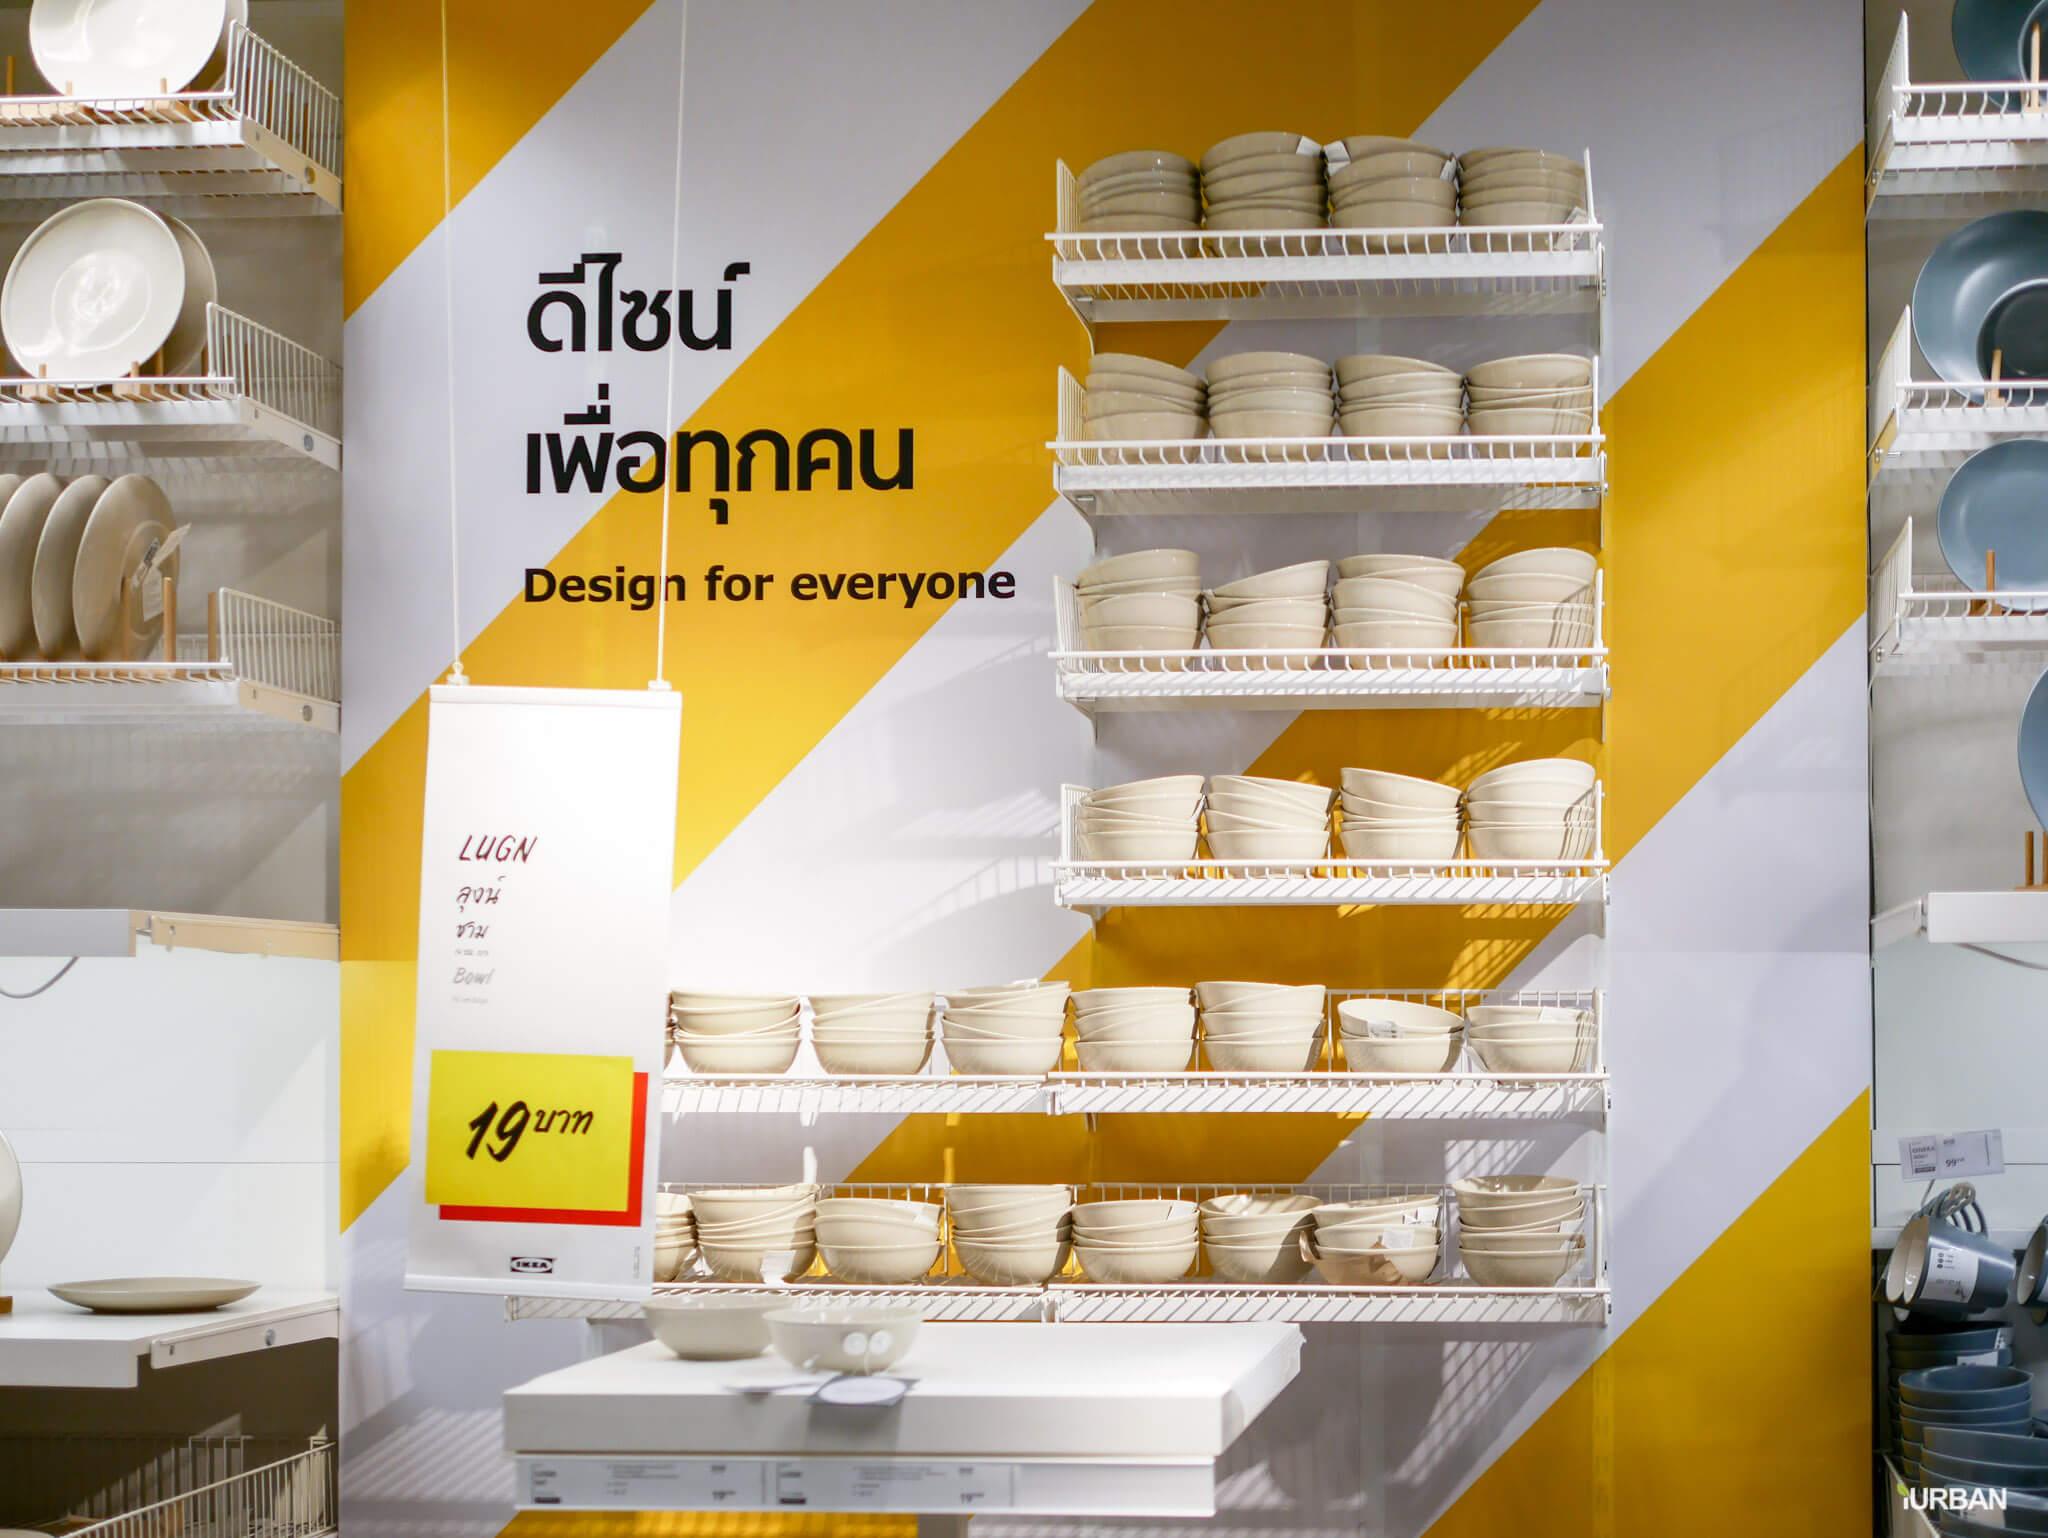 มันเยอะมากกกก!! IKEA Year End SALE 2017 รวมของเซลในอิเกีย ลดเยอะ ลดแหลก รีบพุ่งตัวไป วันนี้ - 7 มกราคม 61 122 - IKEA (อิเกีย)